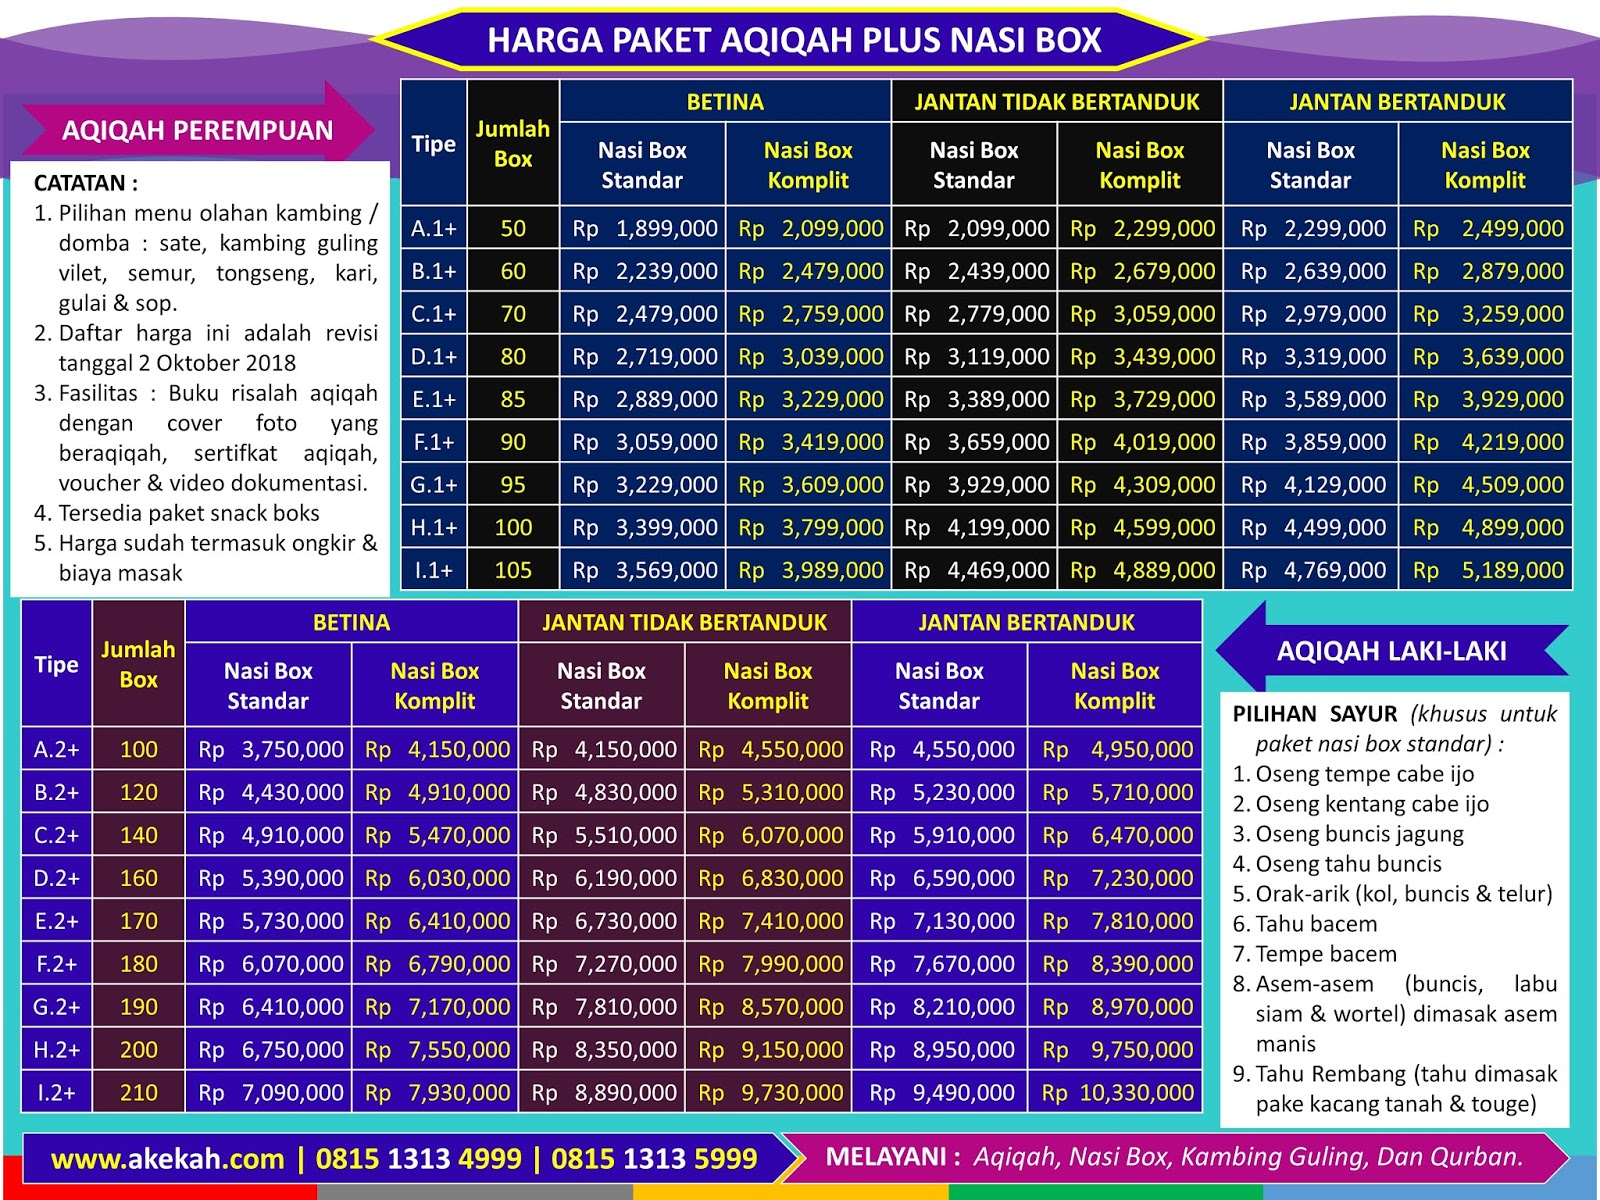 Layanan Akikah & Catering Untuk Laki-Laki Wilayah Pamijahan Kabupaten Bogor Jawa Barat